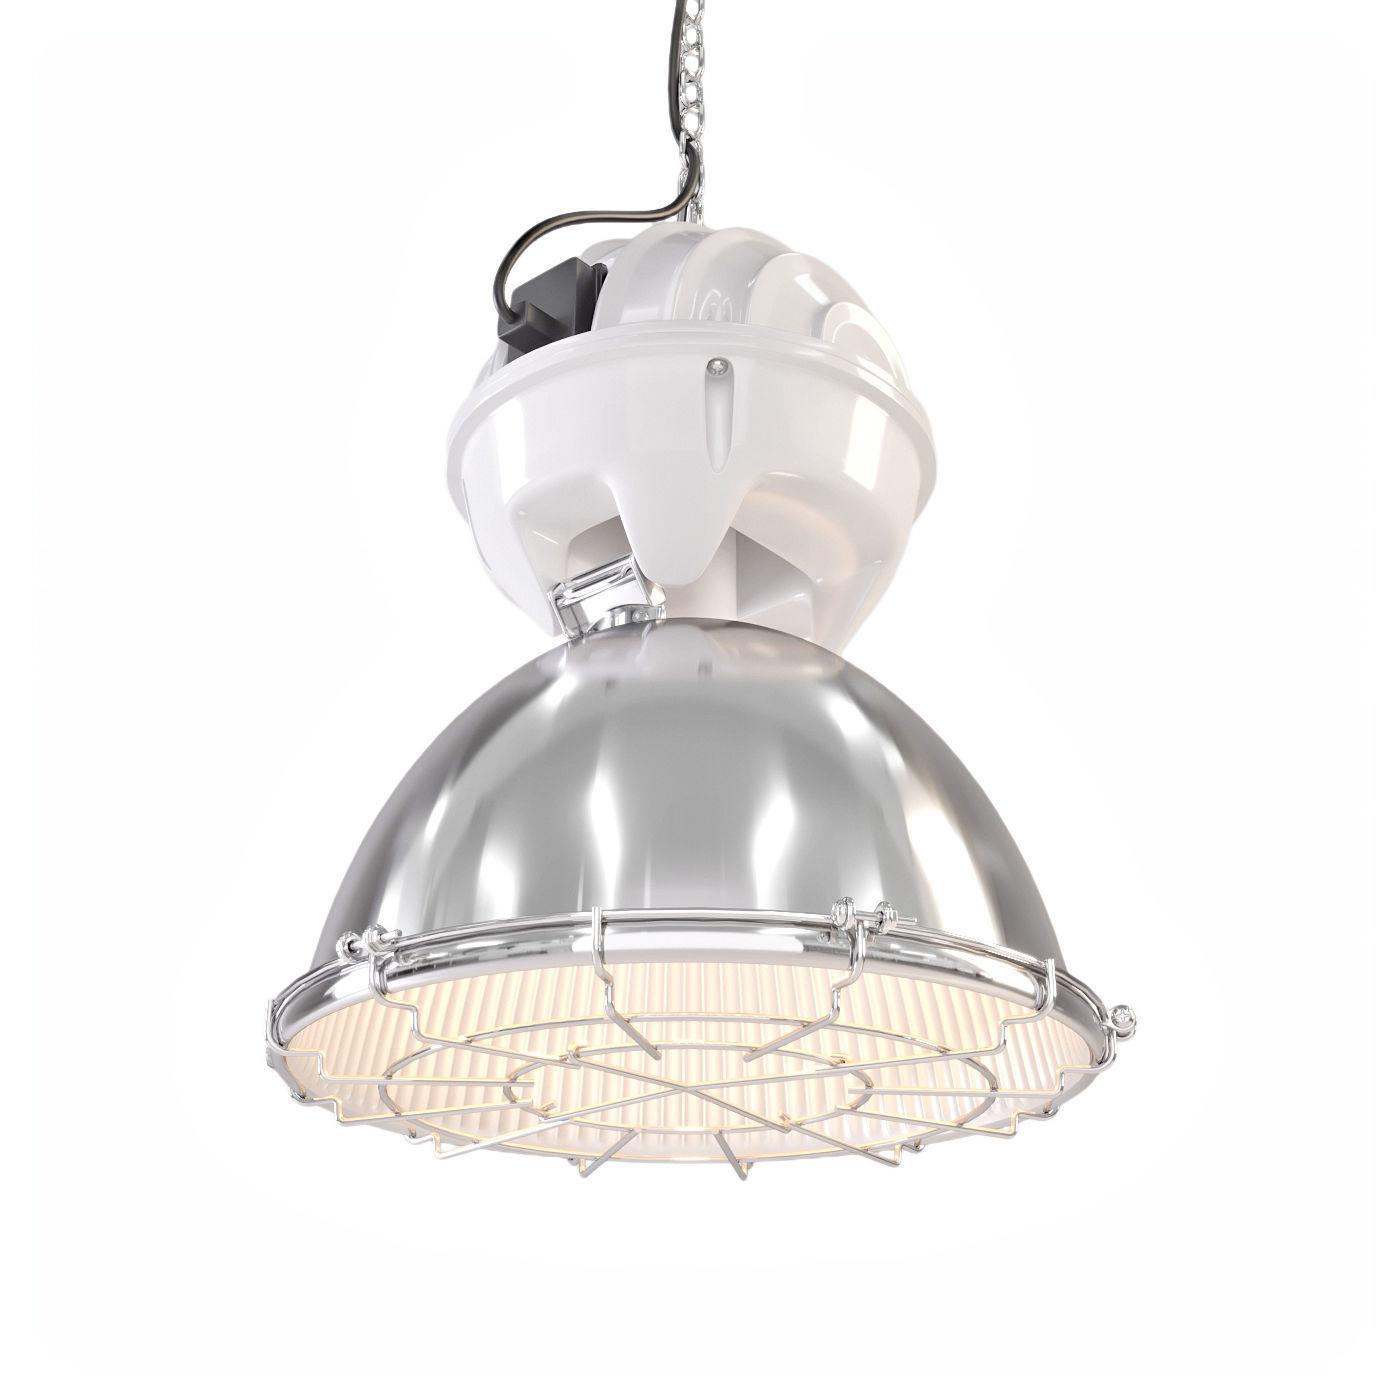 Versmissen Old industrial hanging lamp INDU 5